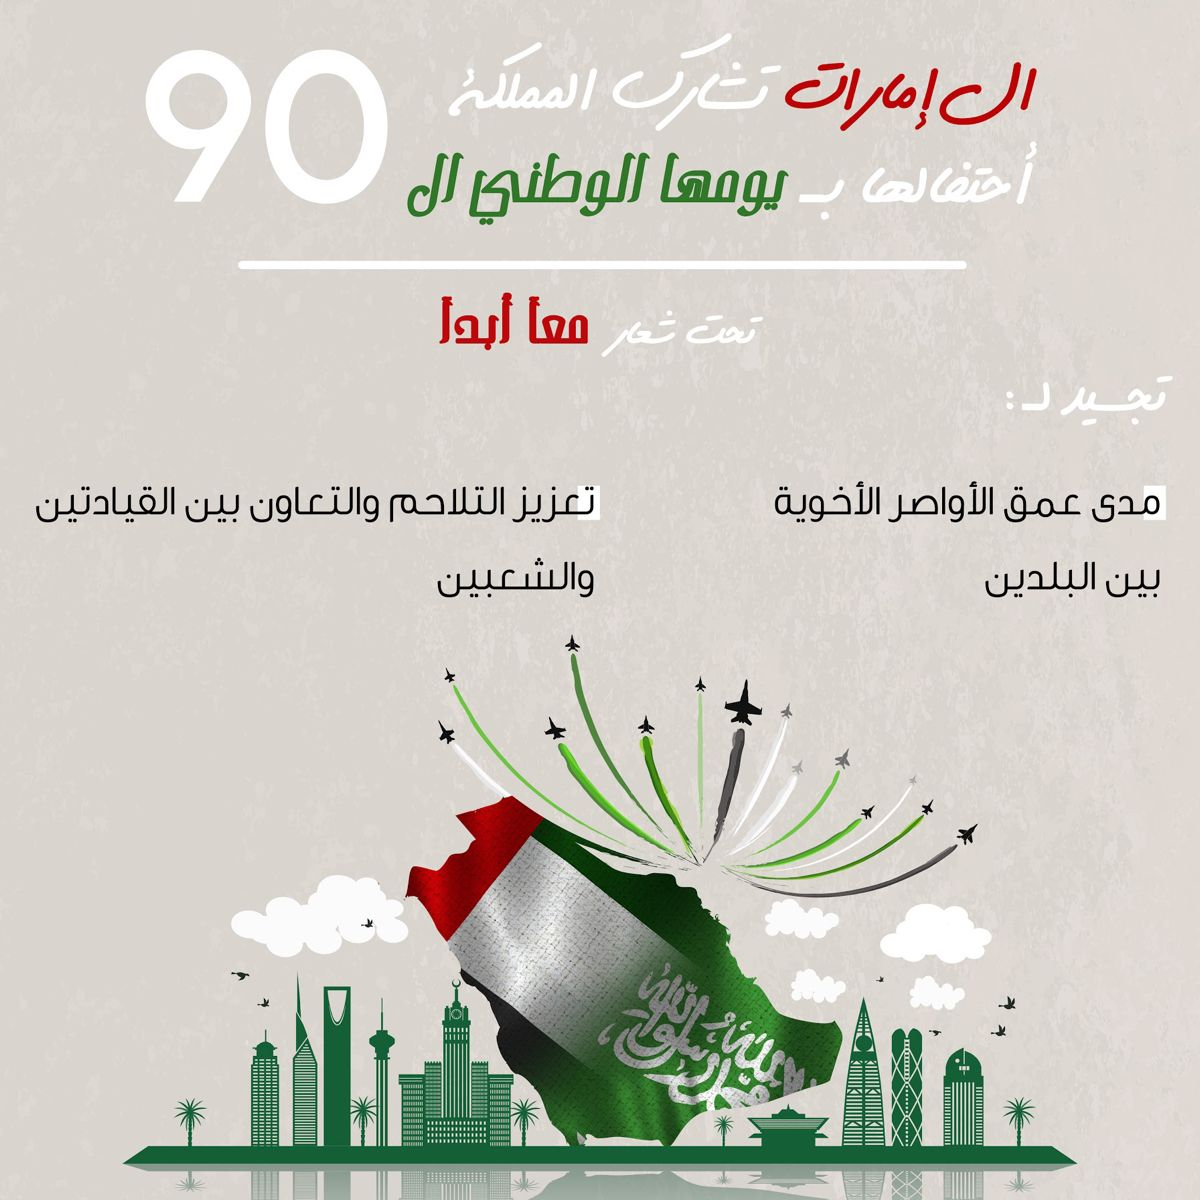 الإمارات تشارك السعودية احتفالات اليوم الوطني 90 S